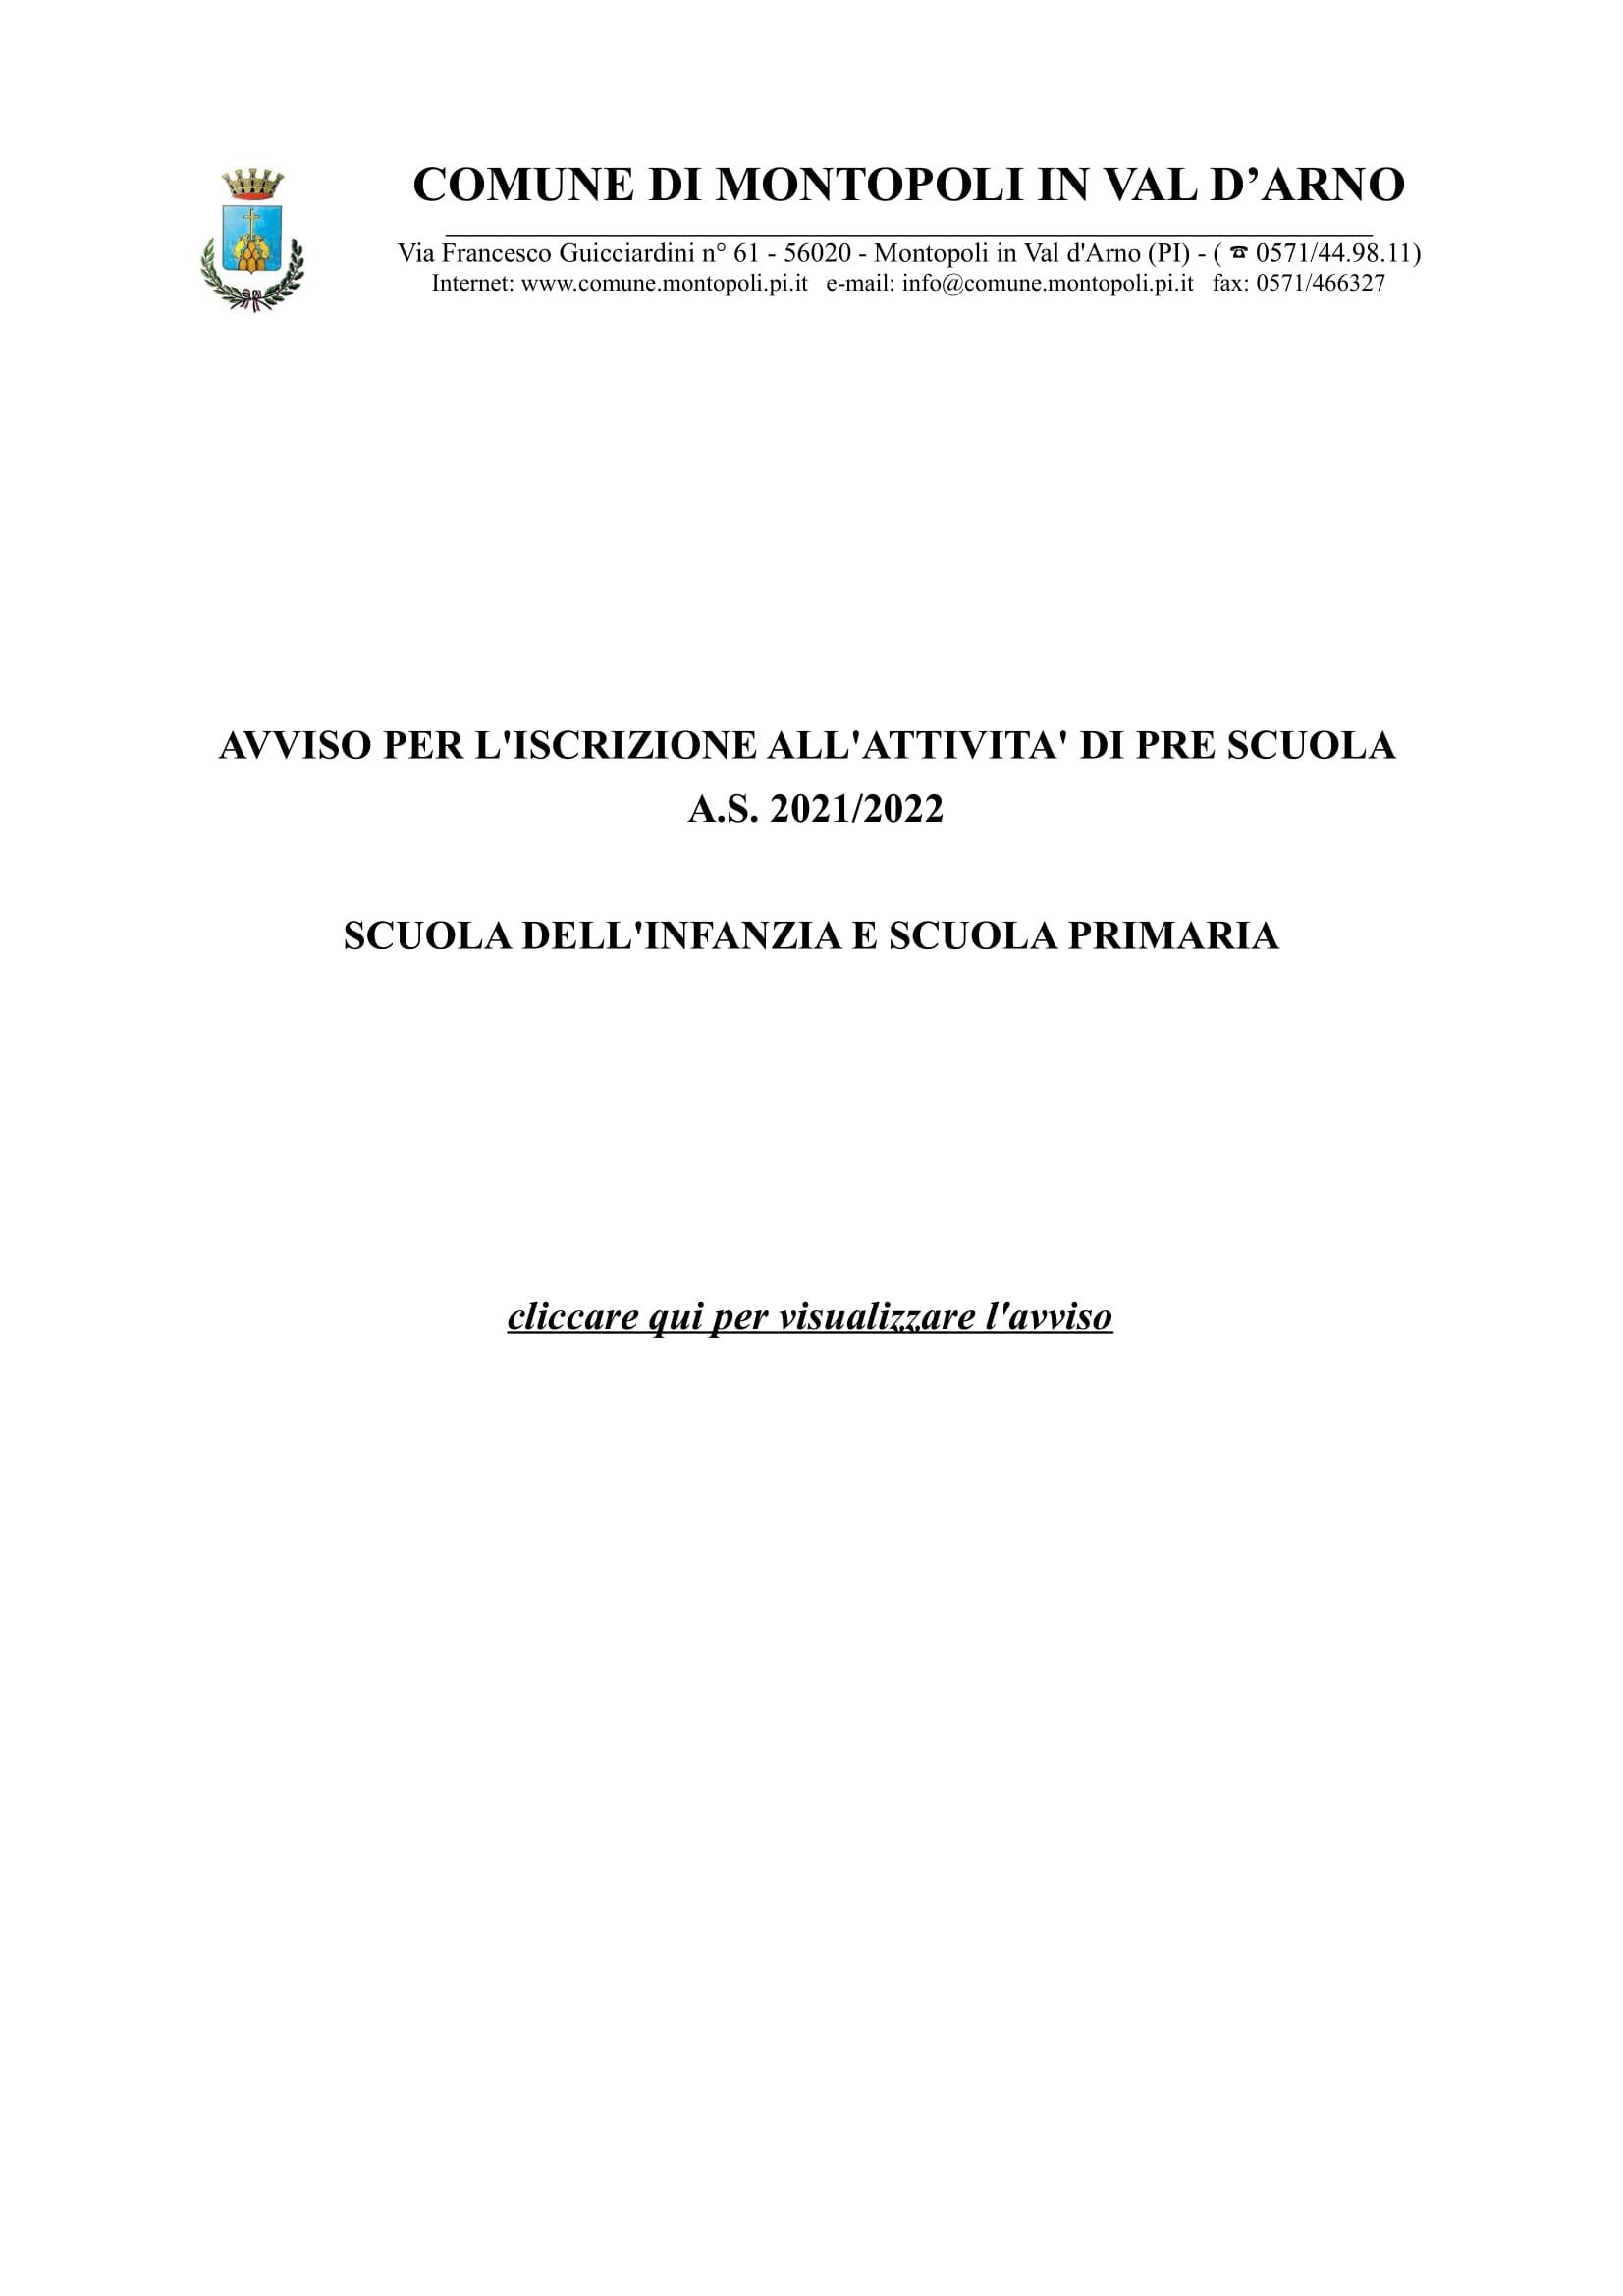 AVVISO PER L'ISCRIZIONE ALL'ATTIVITA' DI PRE SCUOLA